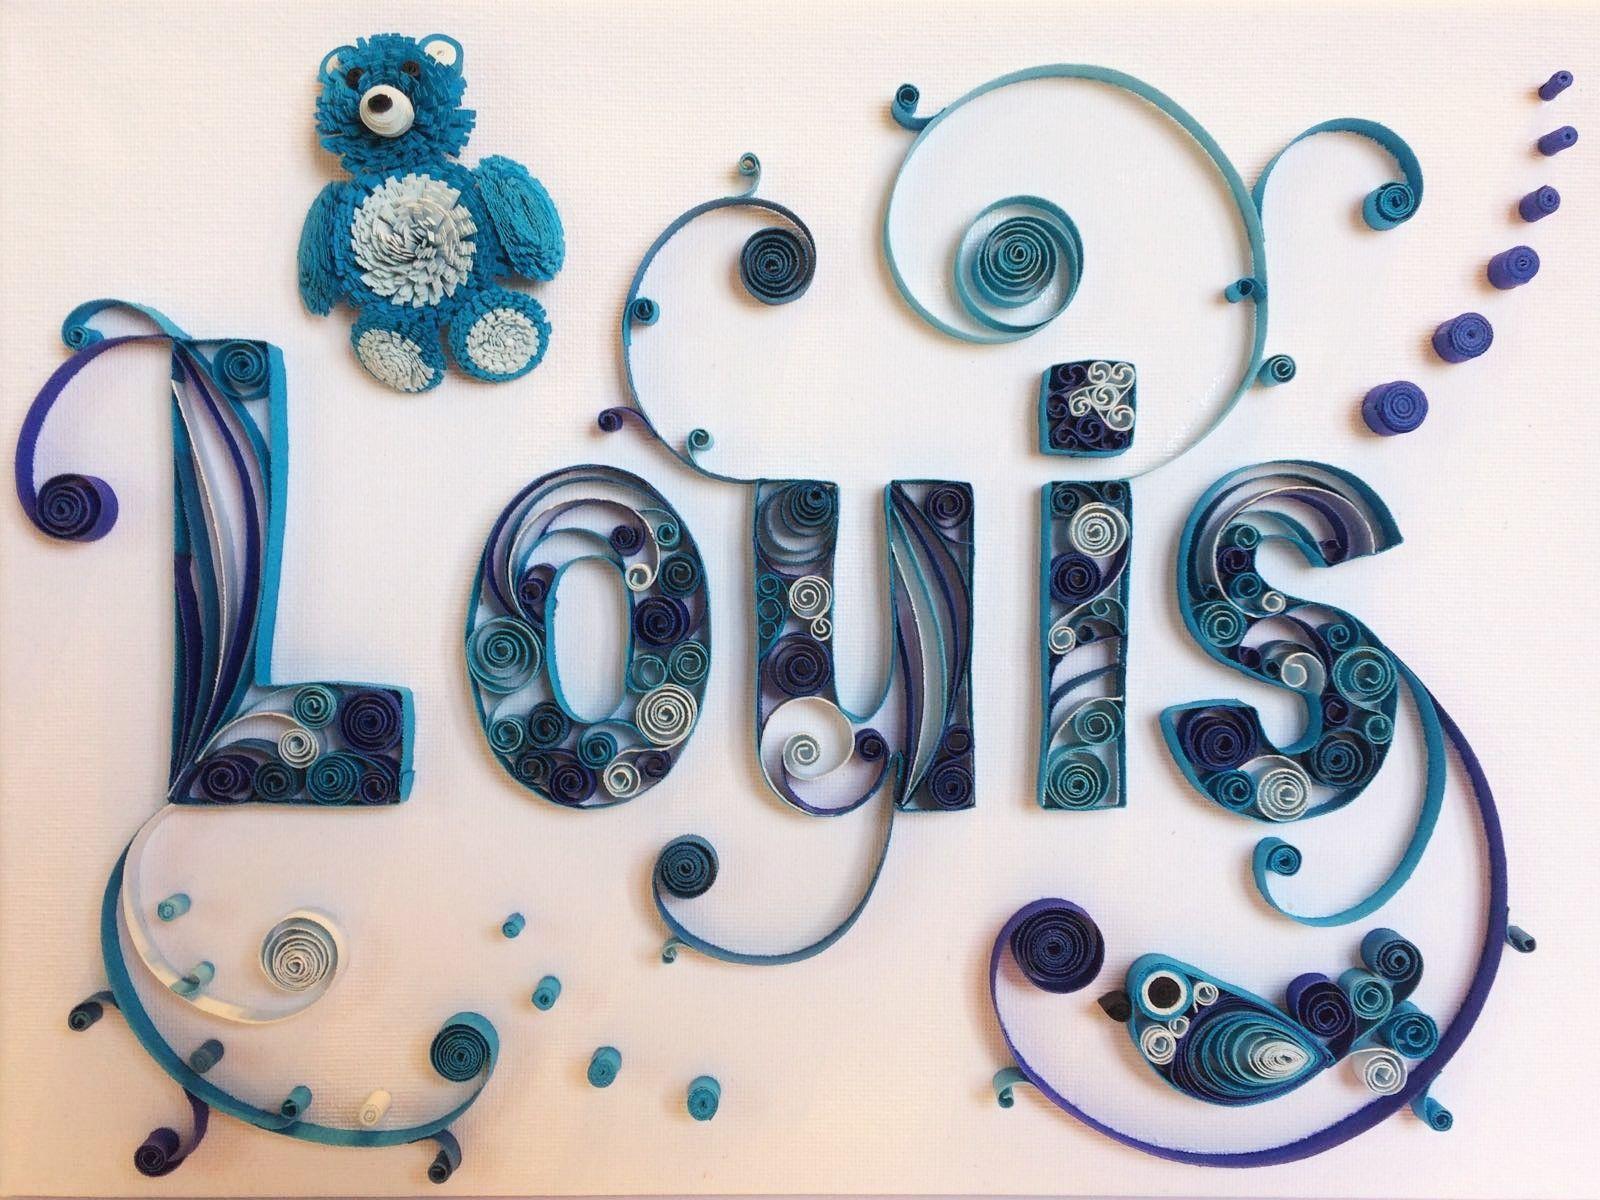 Tableau prénom quilling Louis bleu avec nounours. Réalisé par Les Loisirs Créatifs d'Eugénie avec la technique du quilling (papier roulé ou paperolles) www.creatifs-loisirs.com #loisirscréatifs